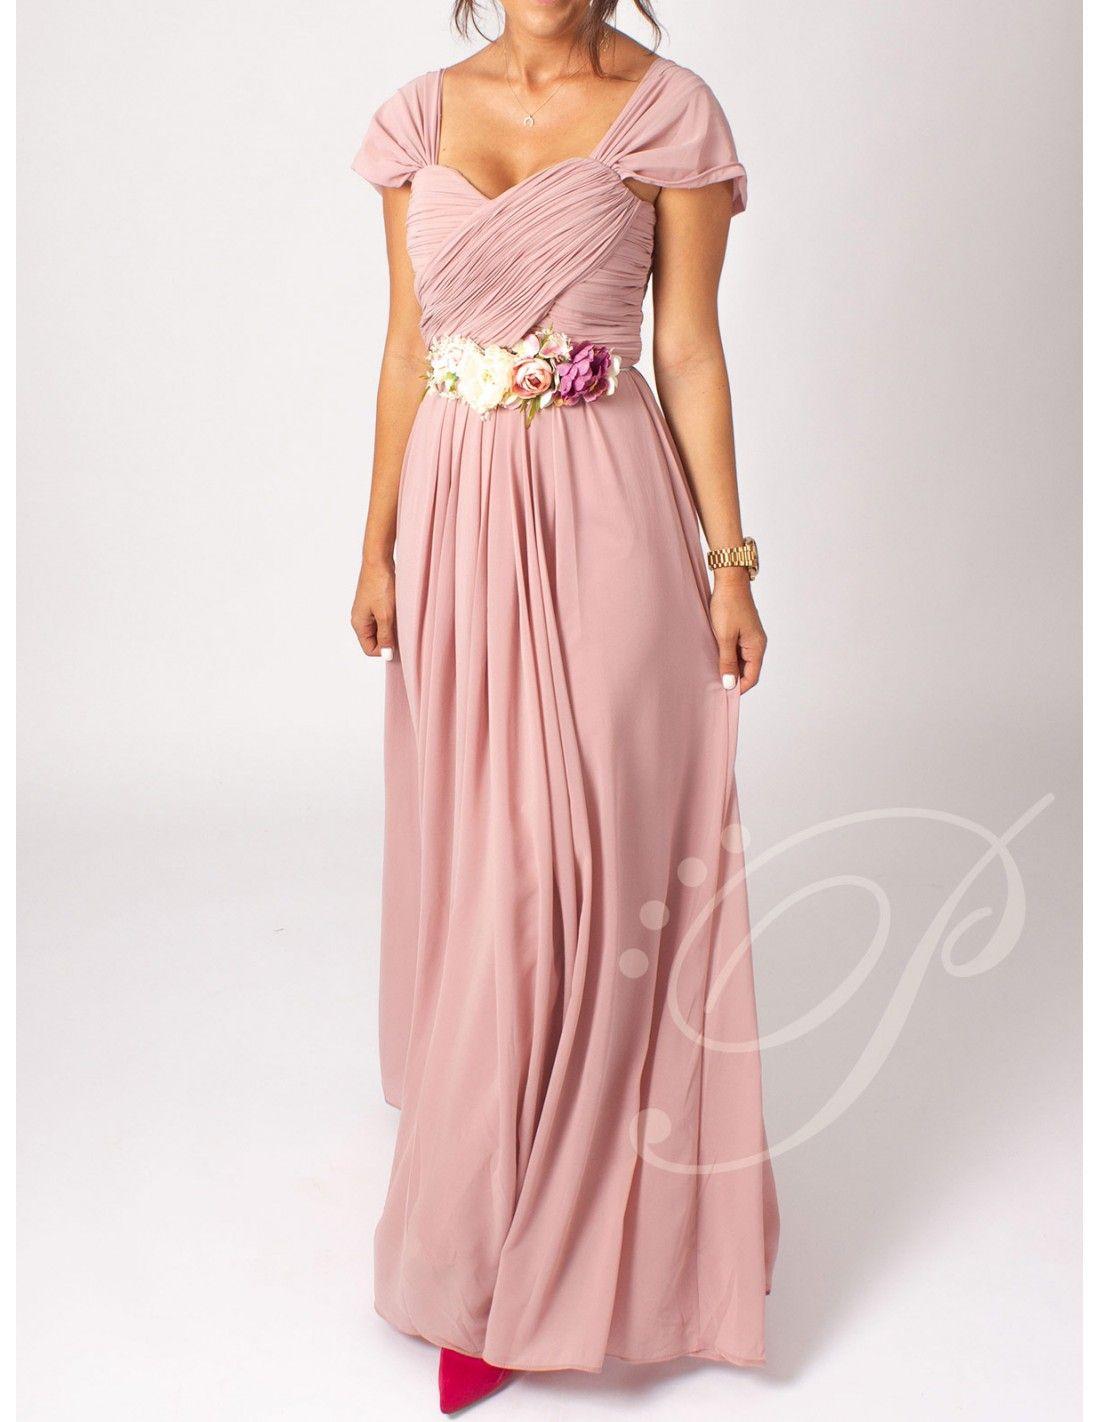 087cf9c09 Vestido Alisha - Vestido largo en color nude. Tirante de gasa. Cuerpo  efecto cruzado